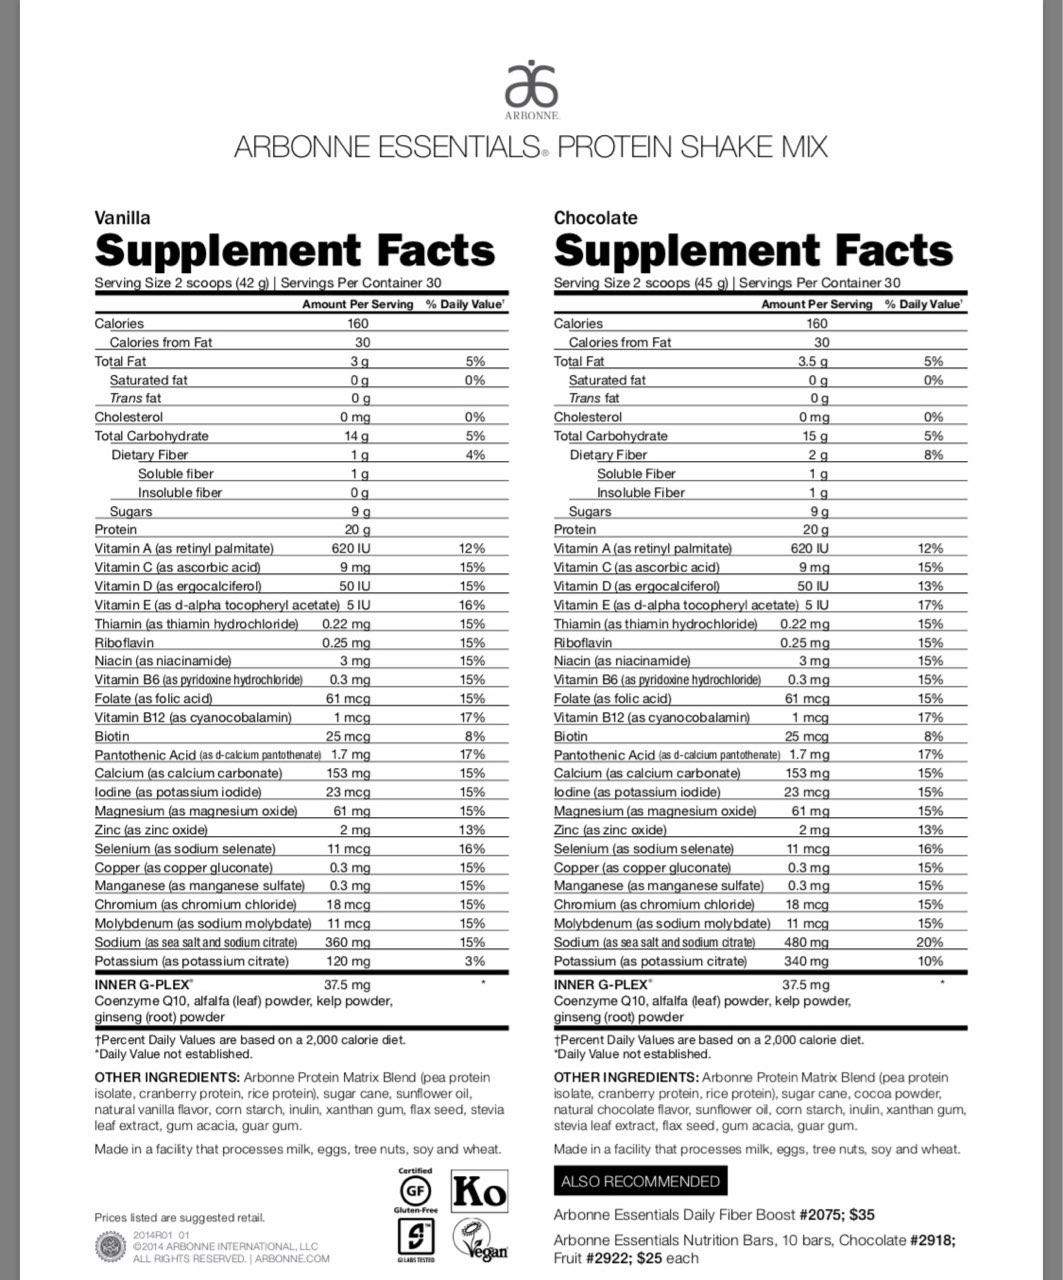 Arbonne Essentials Vanilla Protein Shake Mix Calories